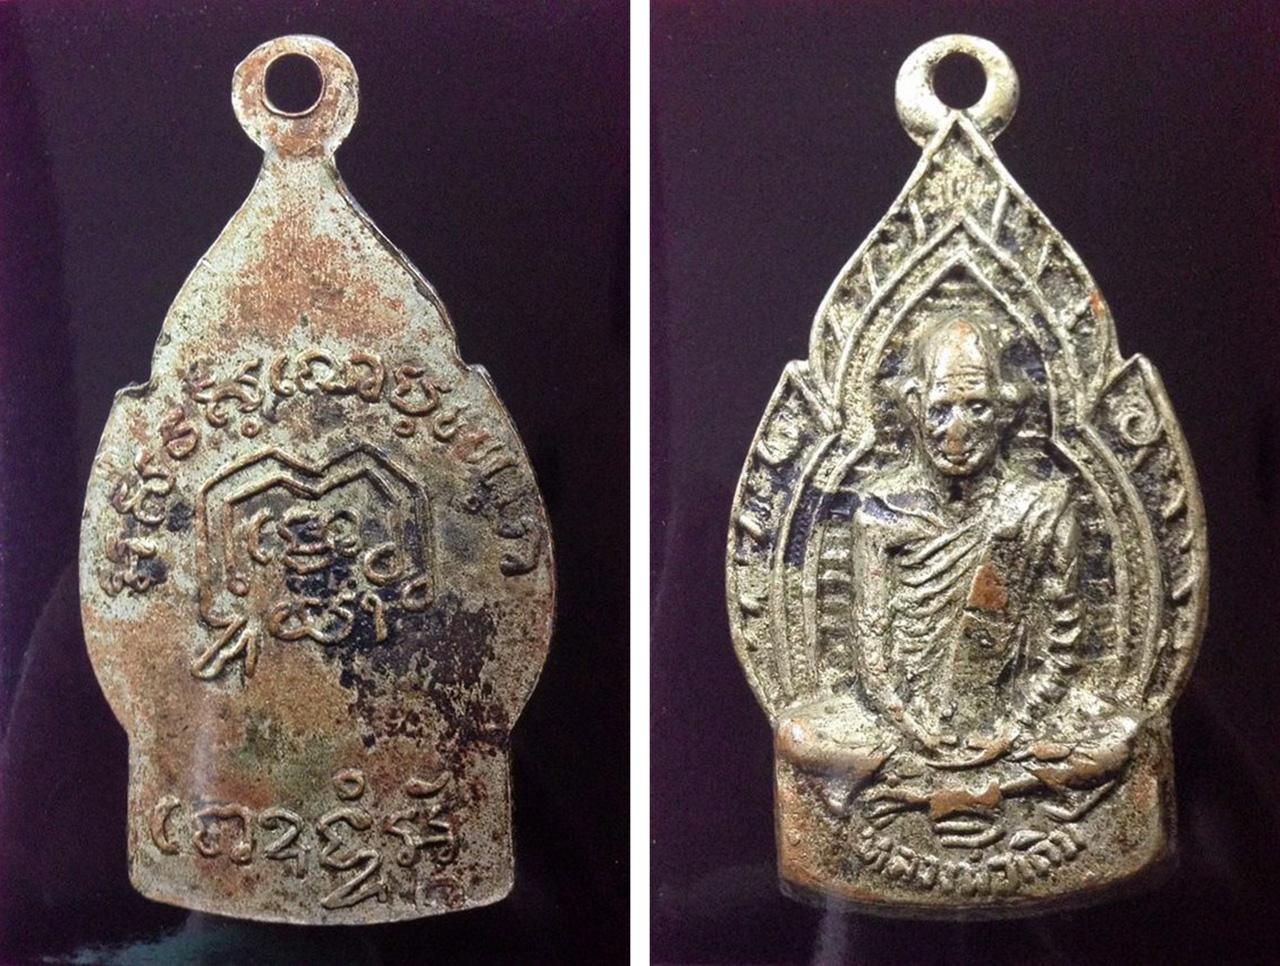 เหรียญเปลวเทียน เนื้ออัลปาก้า หลวงพ่อเดิม วัดหนองโพธิ์ ของ สินเจริญ นุชอ่อง.